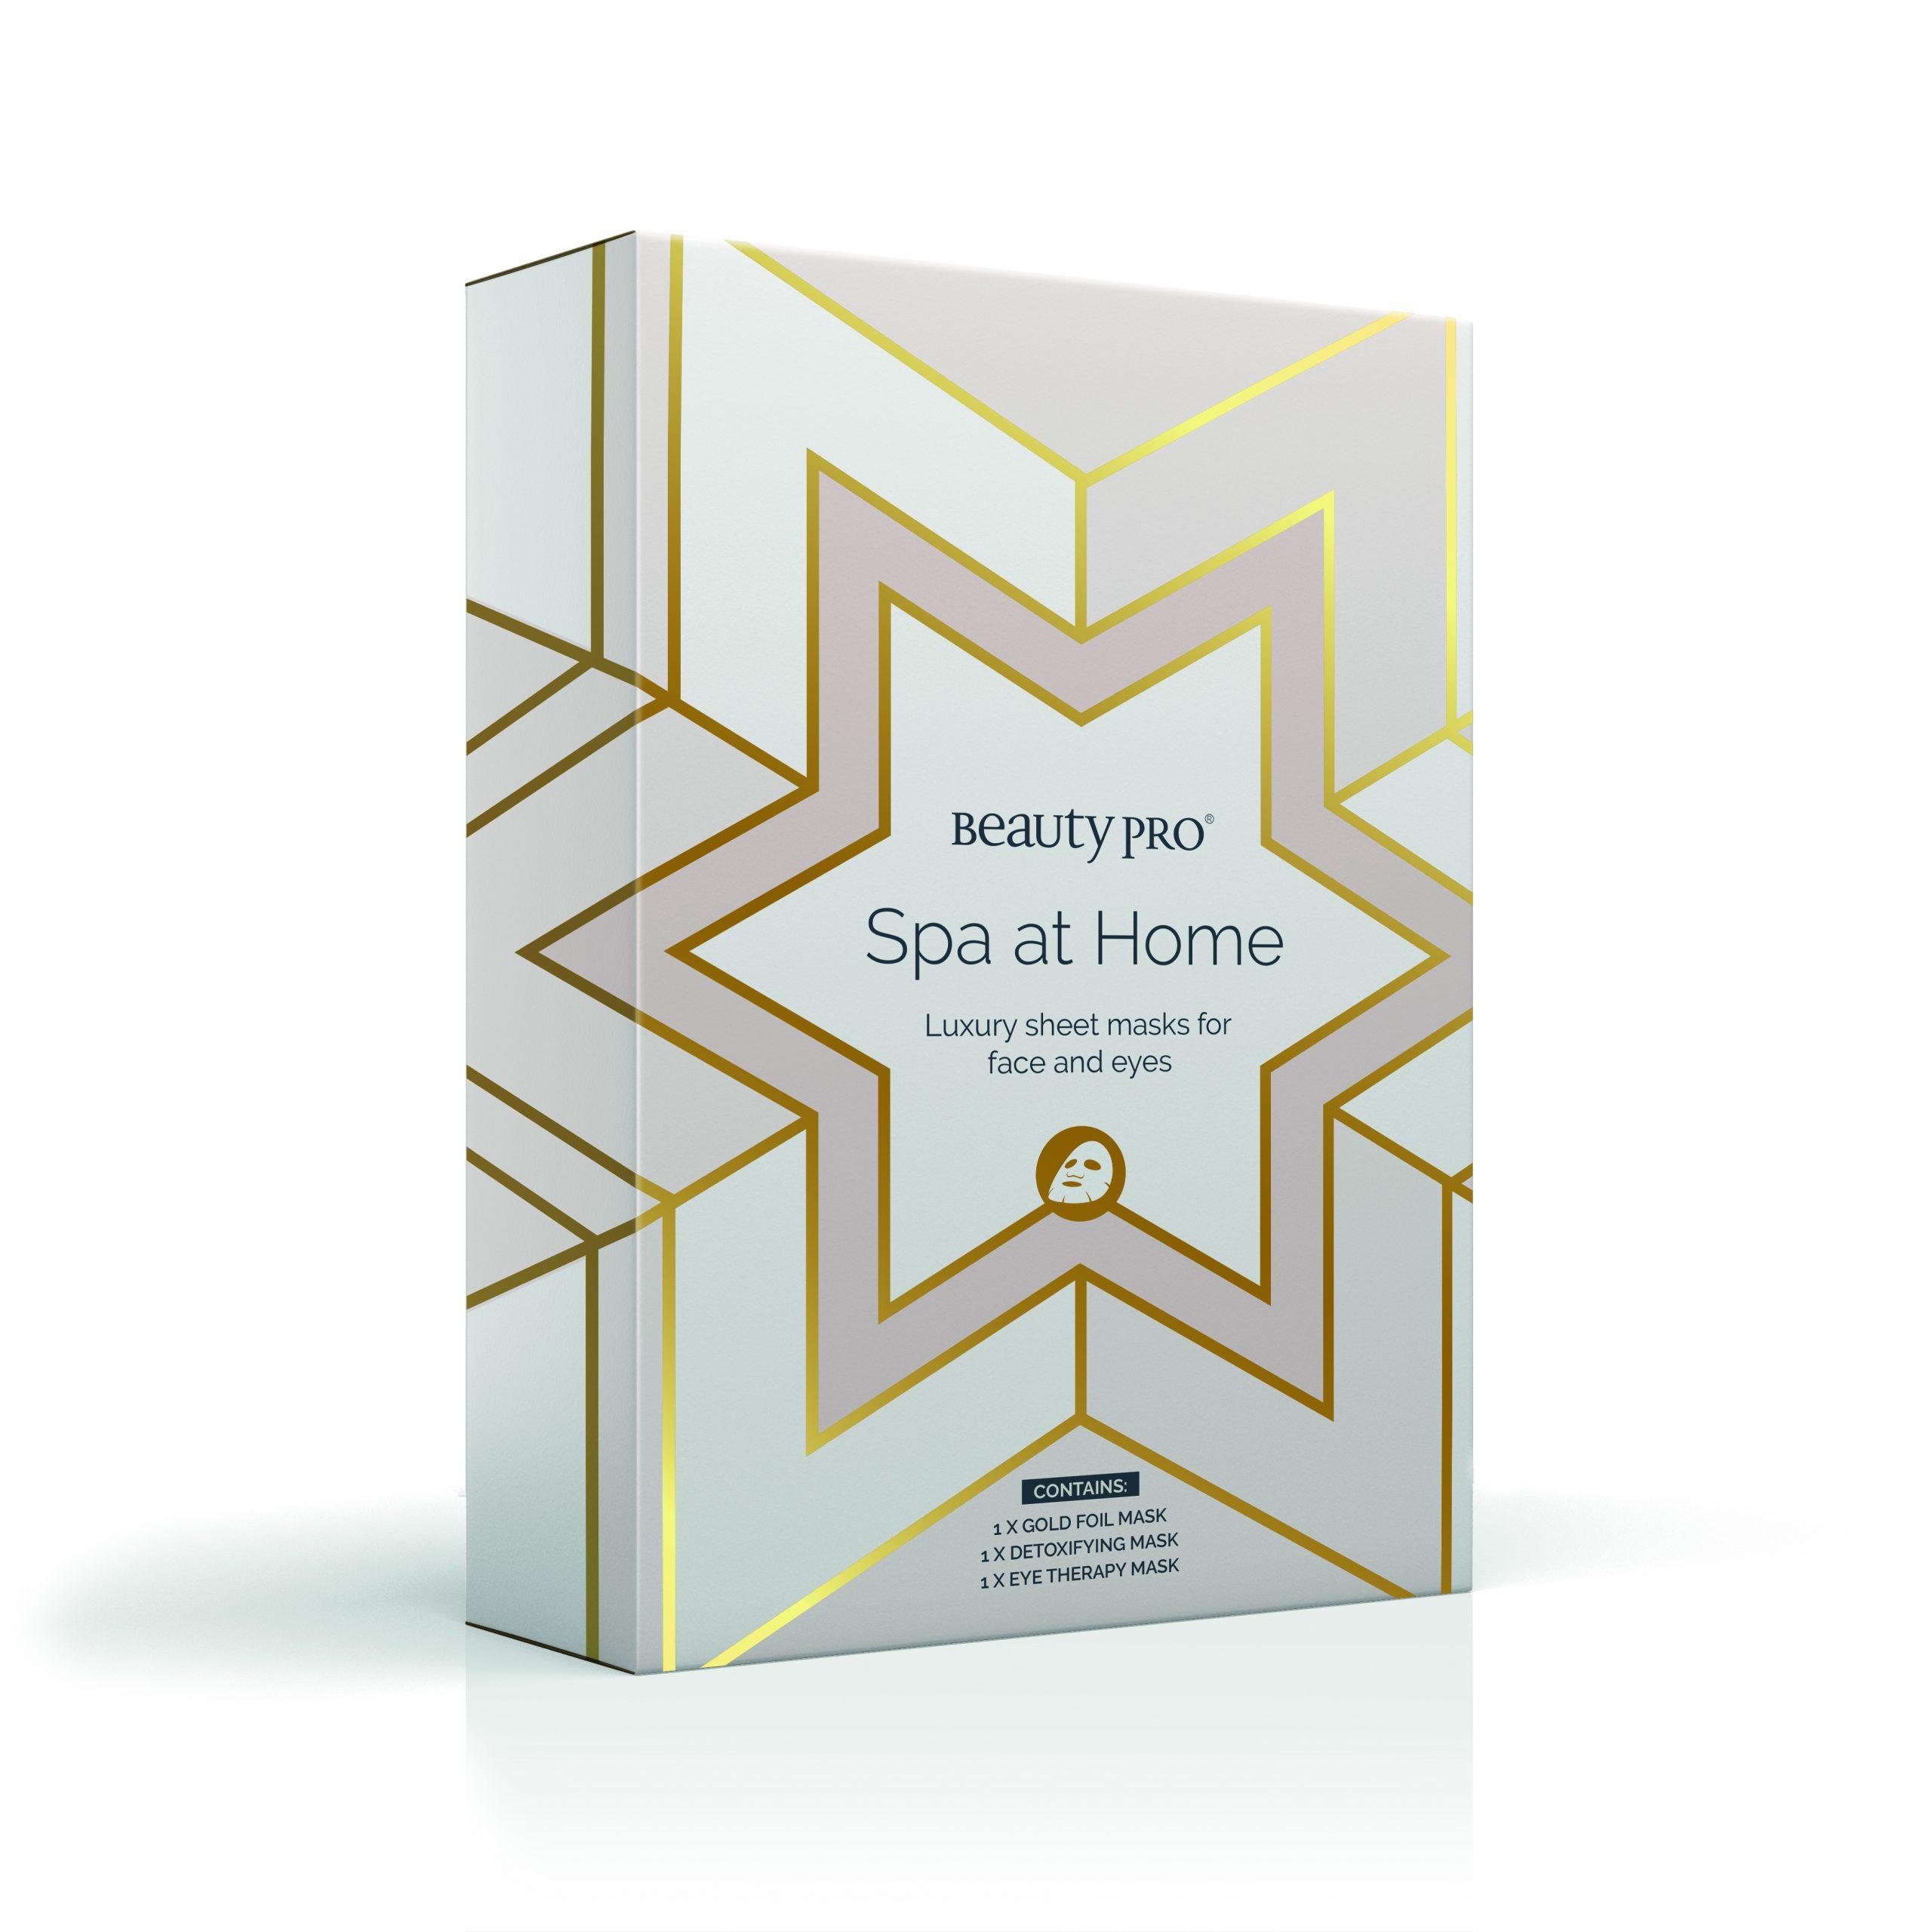 Spa at Home Gift Set